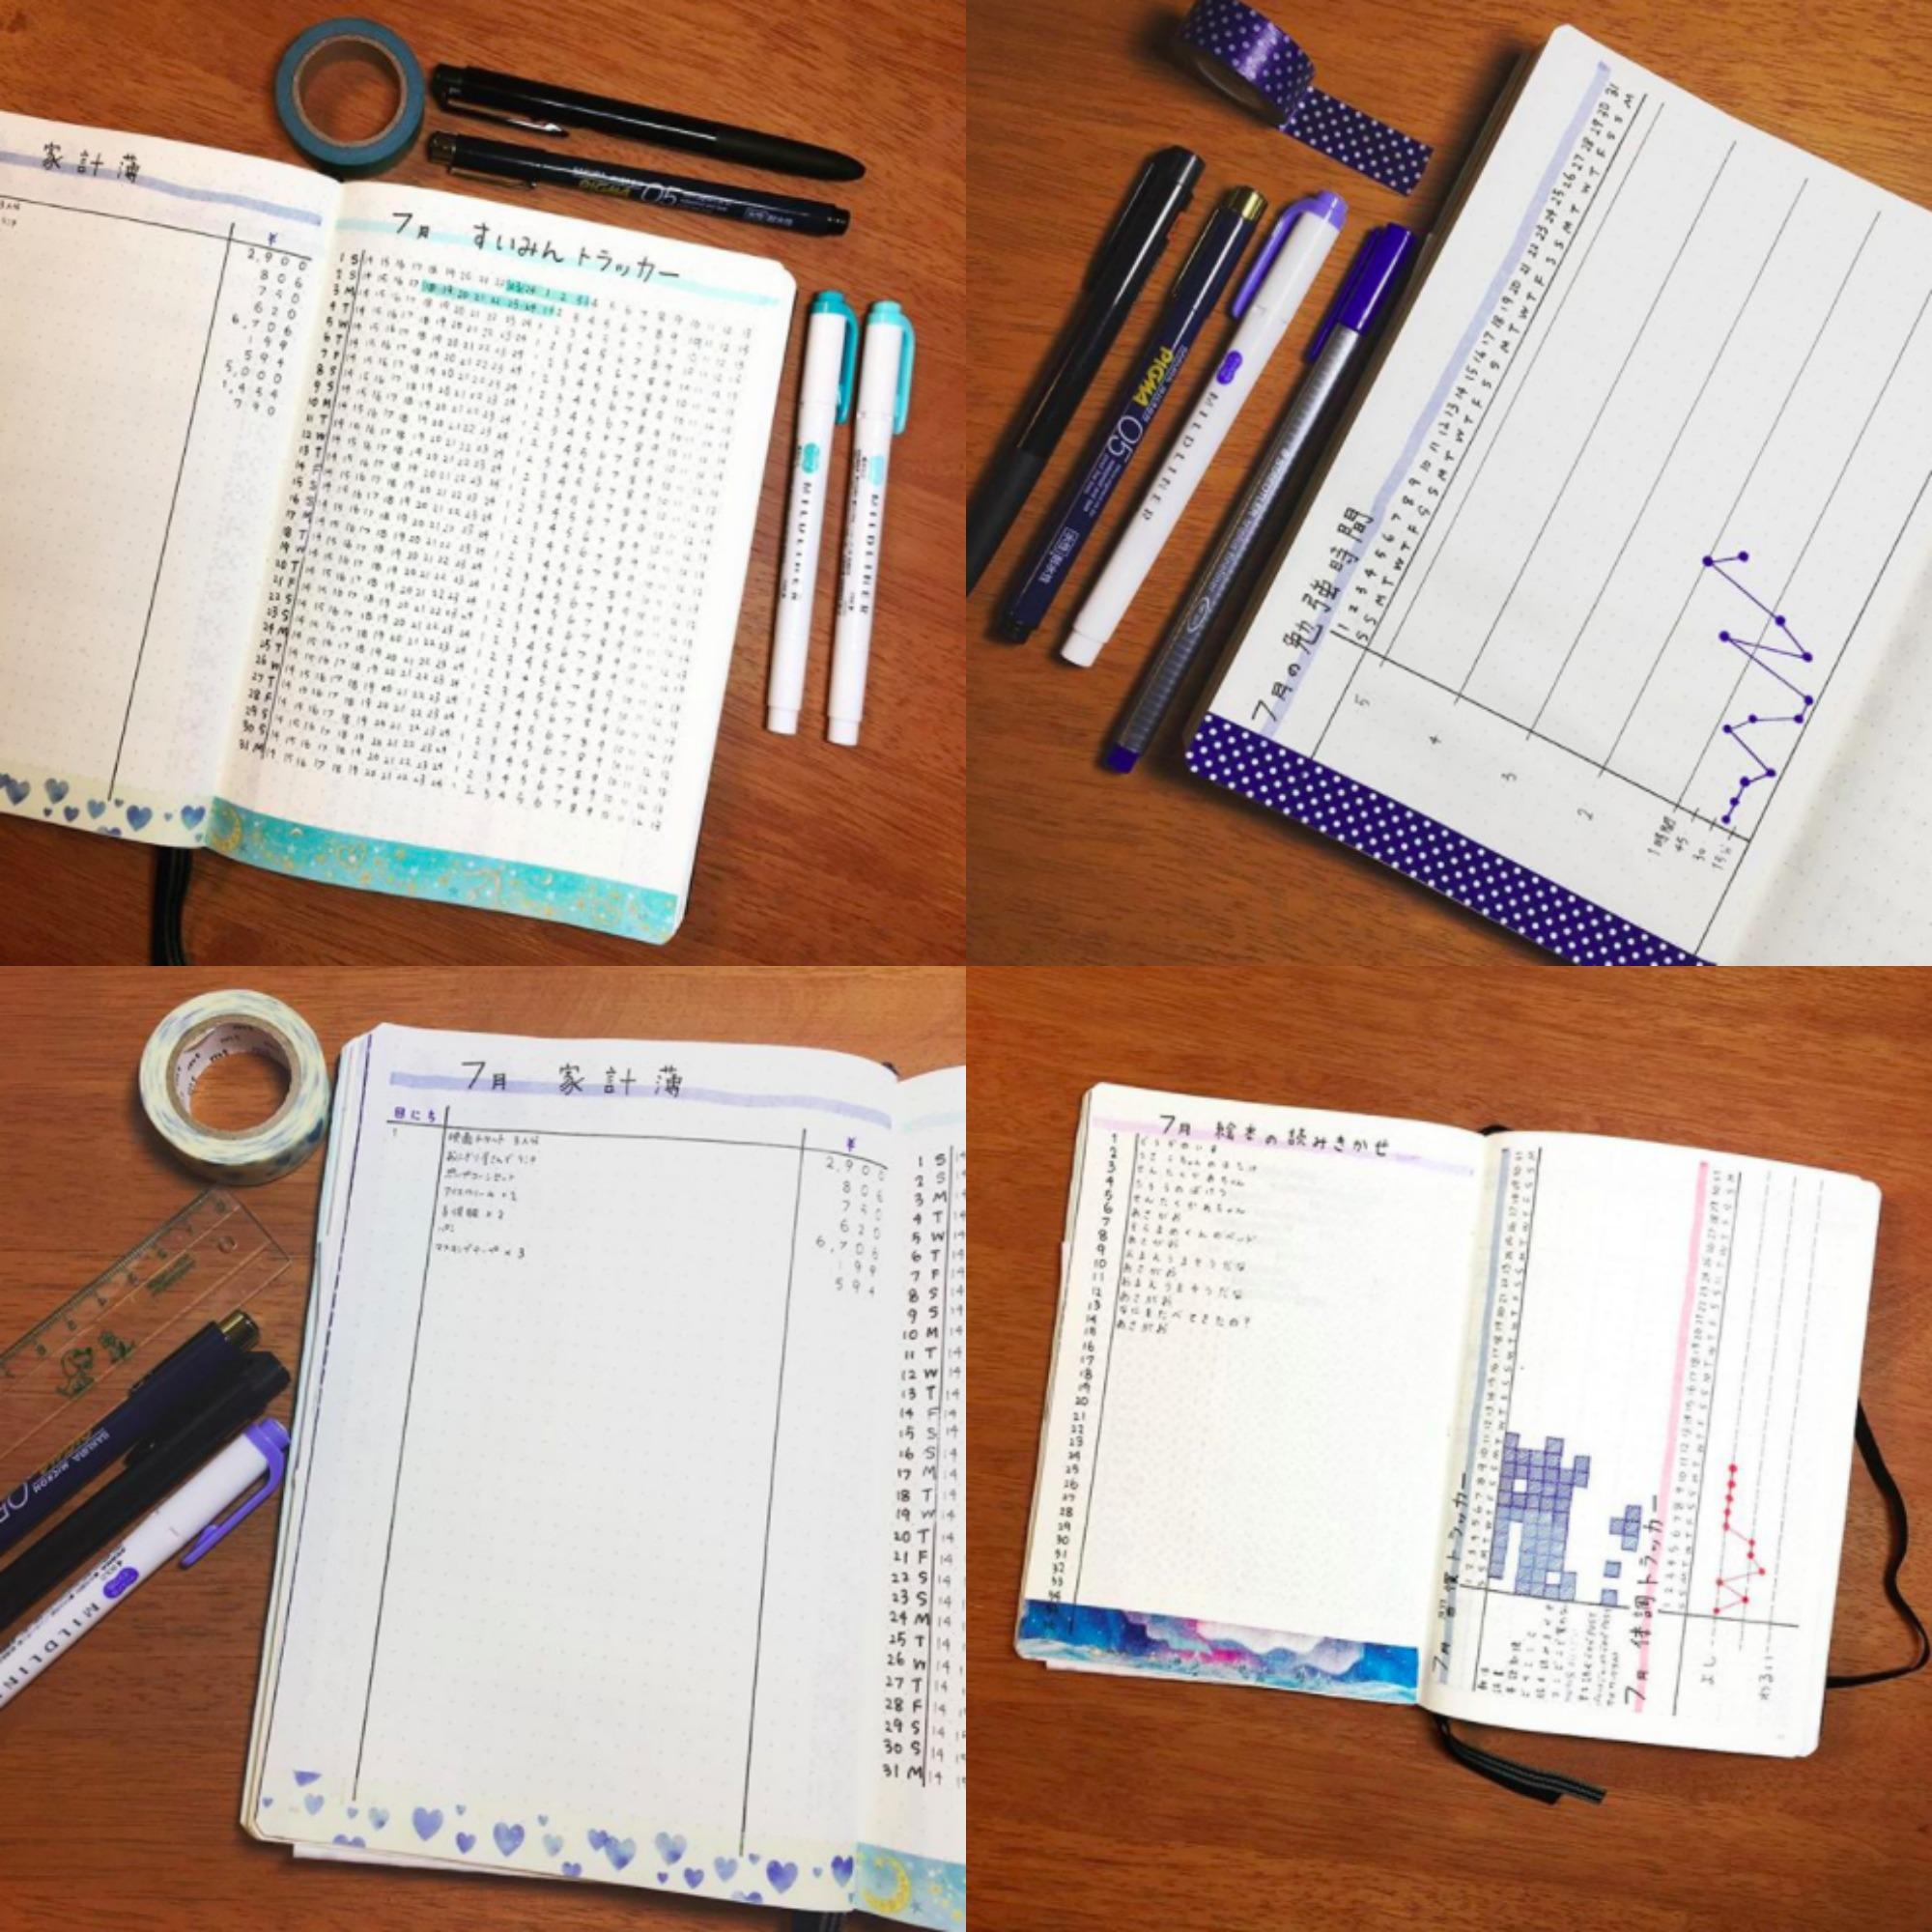 【動画】ノートの簡単なデコレーション方法